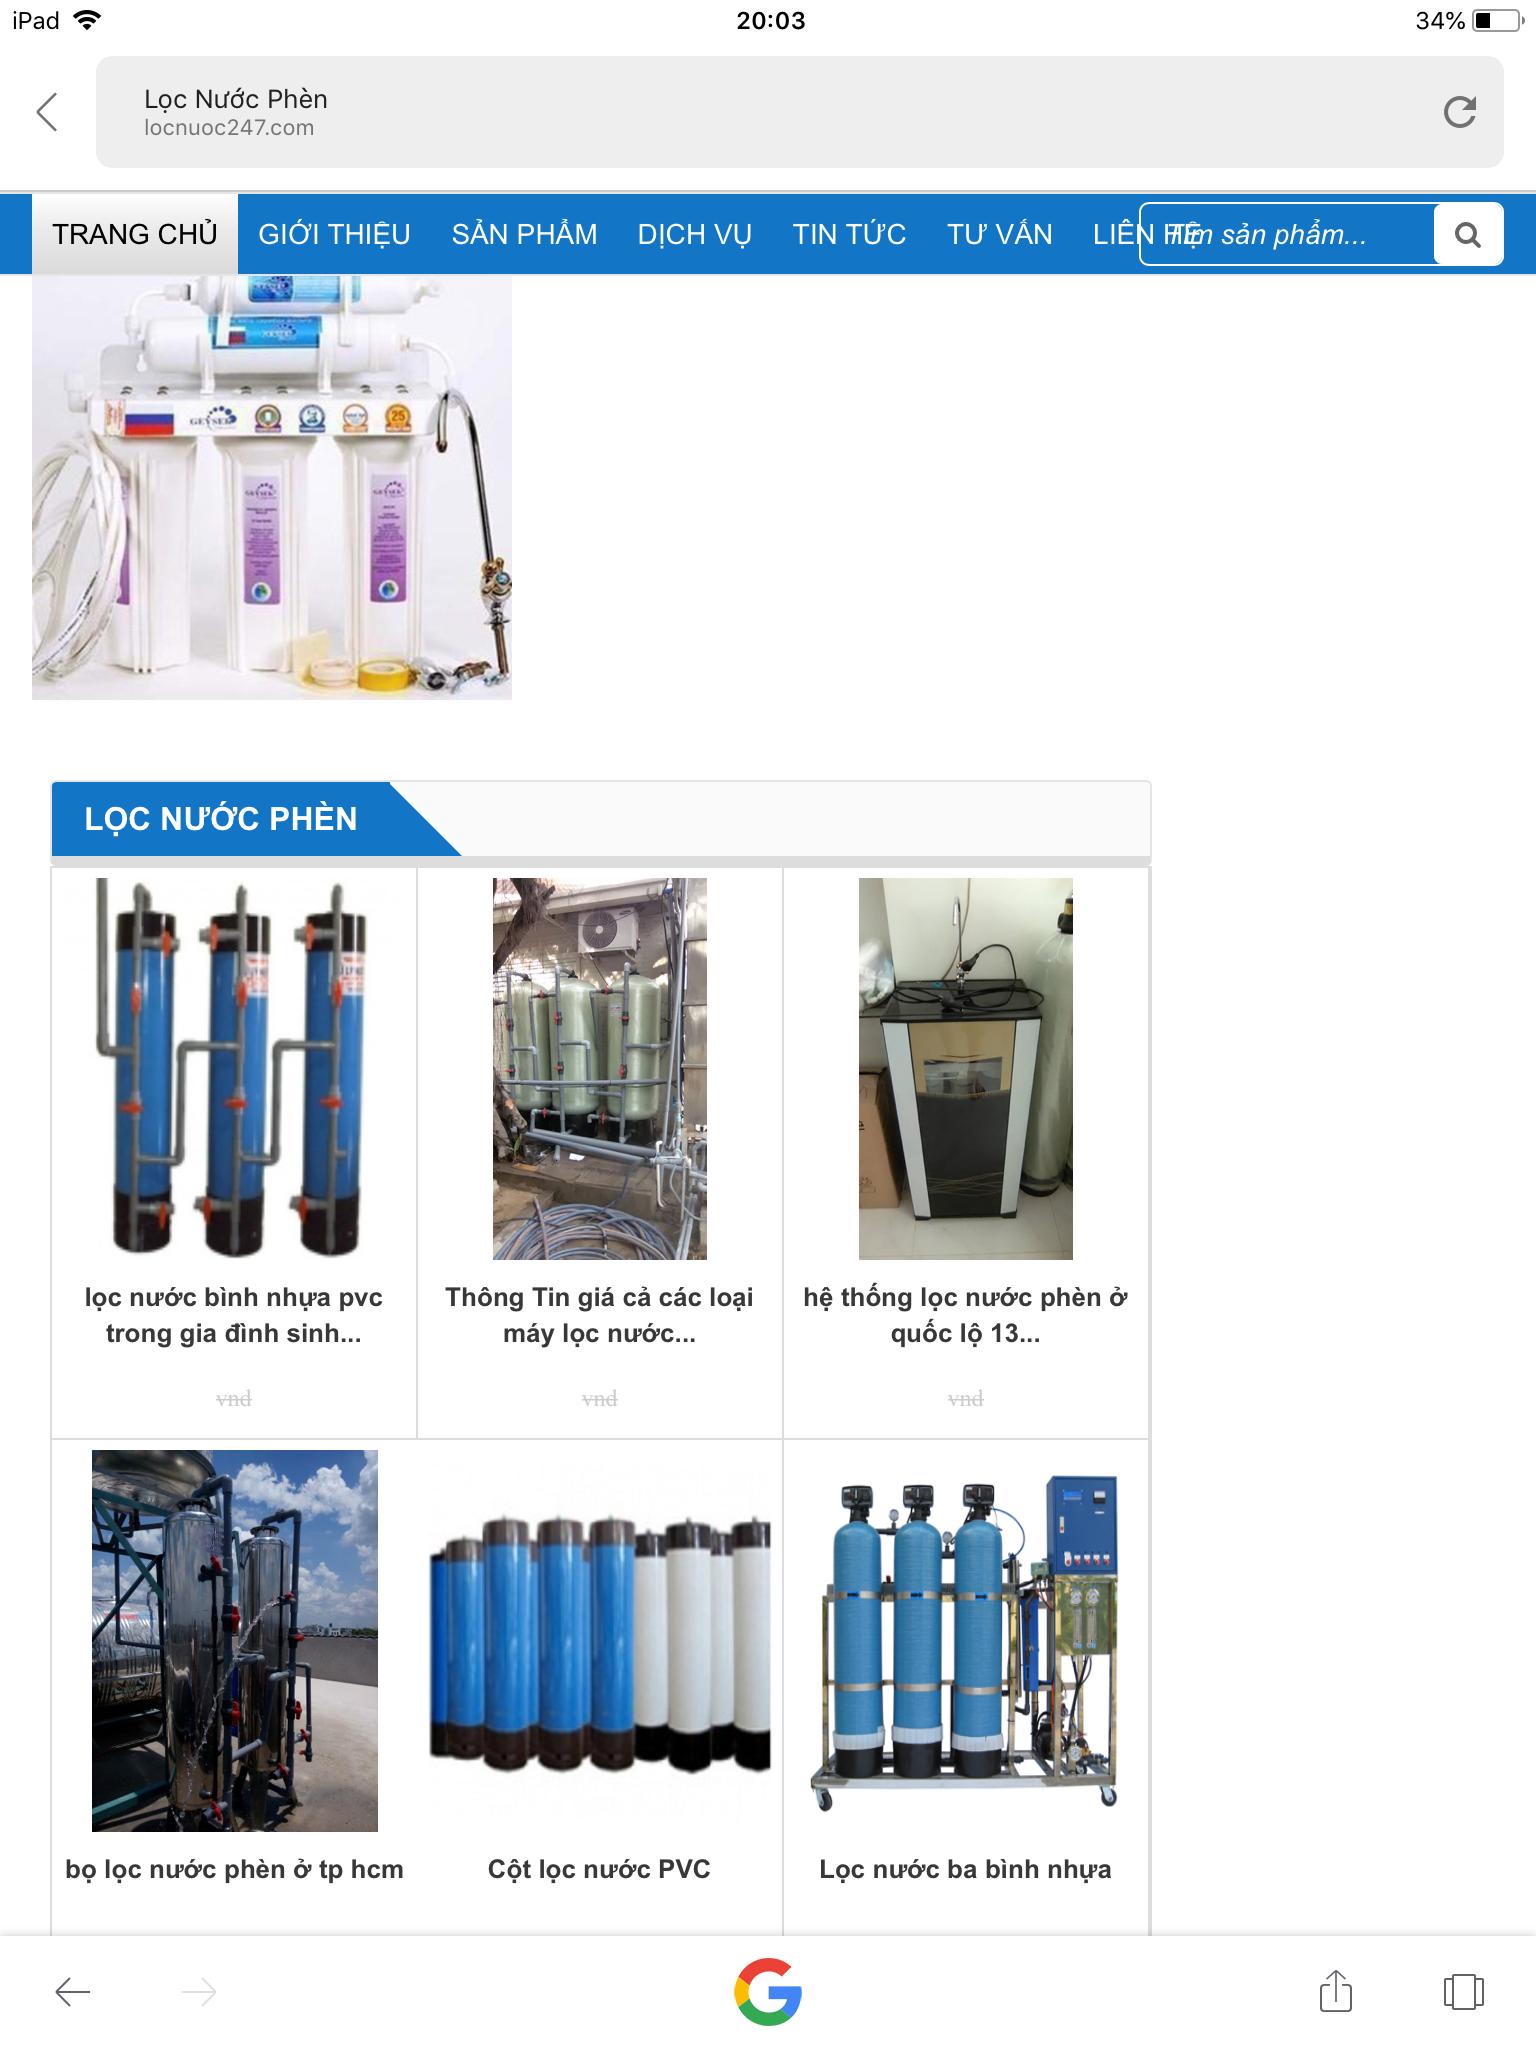 Khảo sát lắp đặt máy lọc nước phèn giếng khoan gia đình